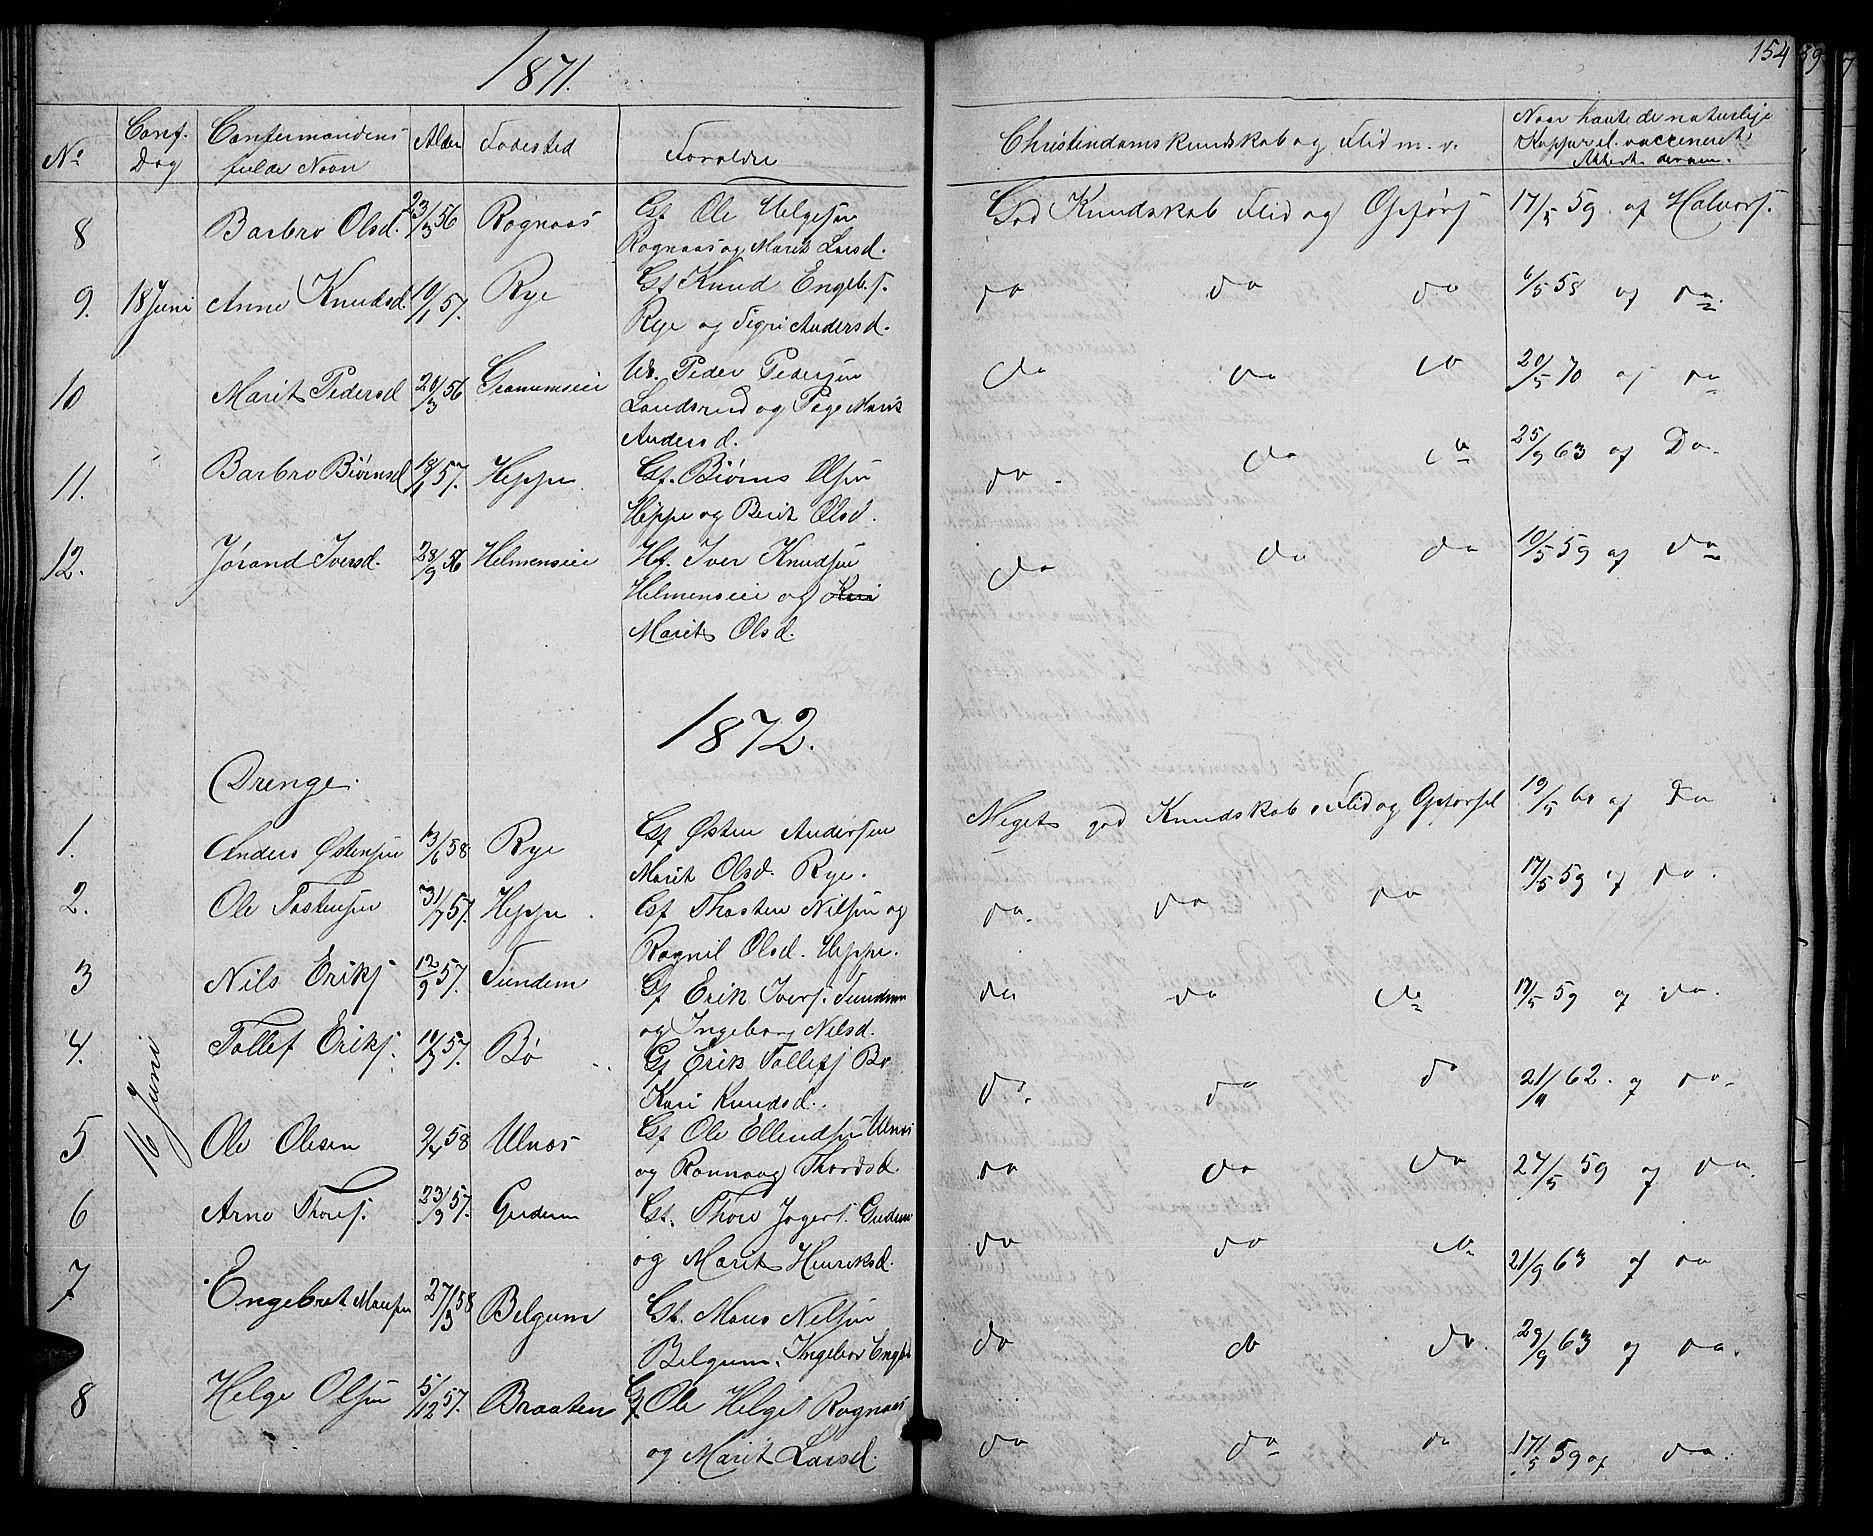 SAH, Nord-Aurdal prestekontor, Klokkerbok nr. 4, 1842-1882, s. 154